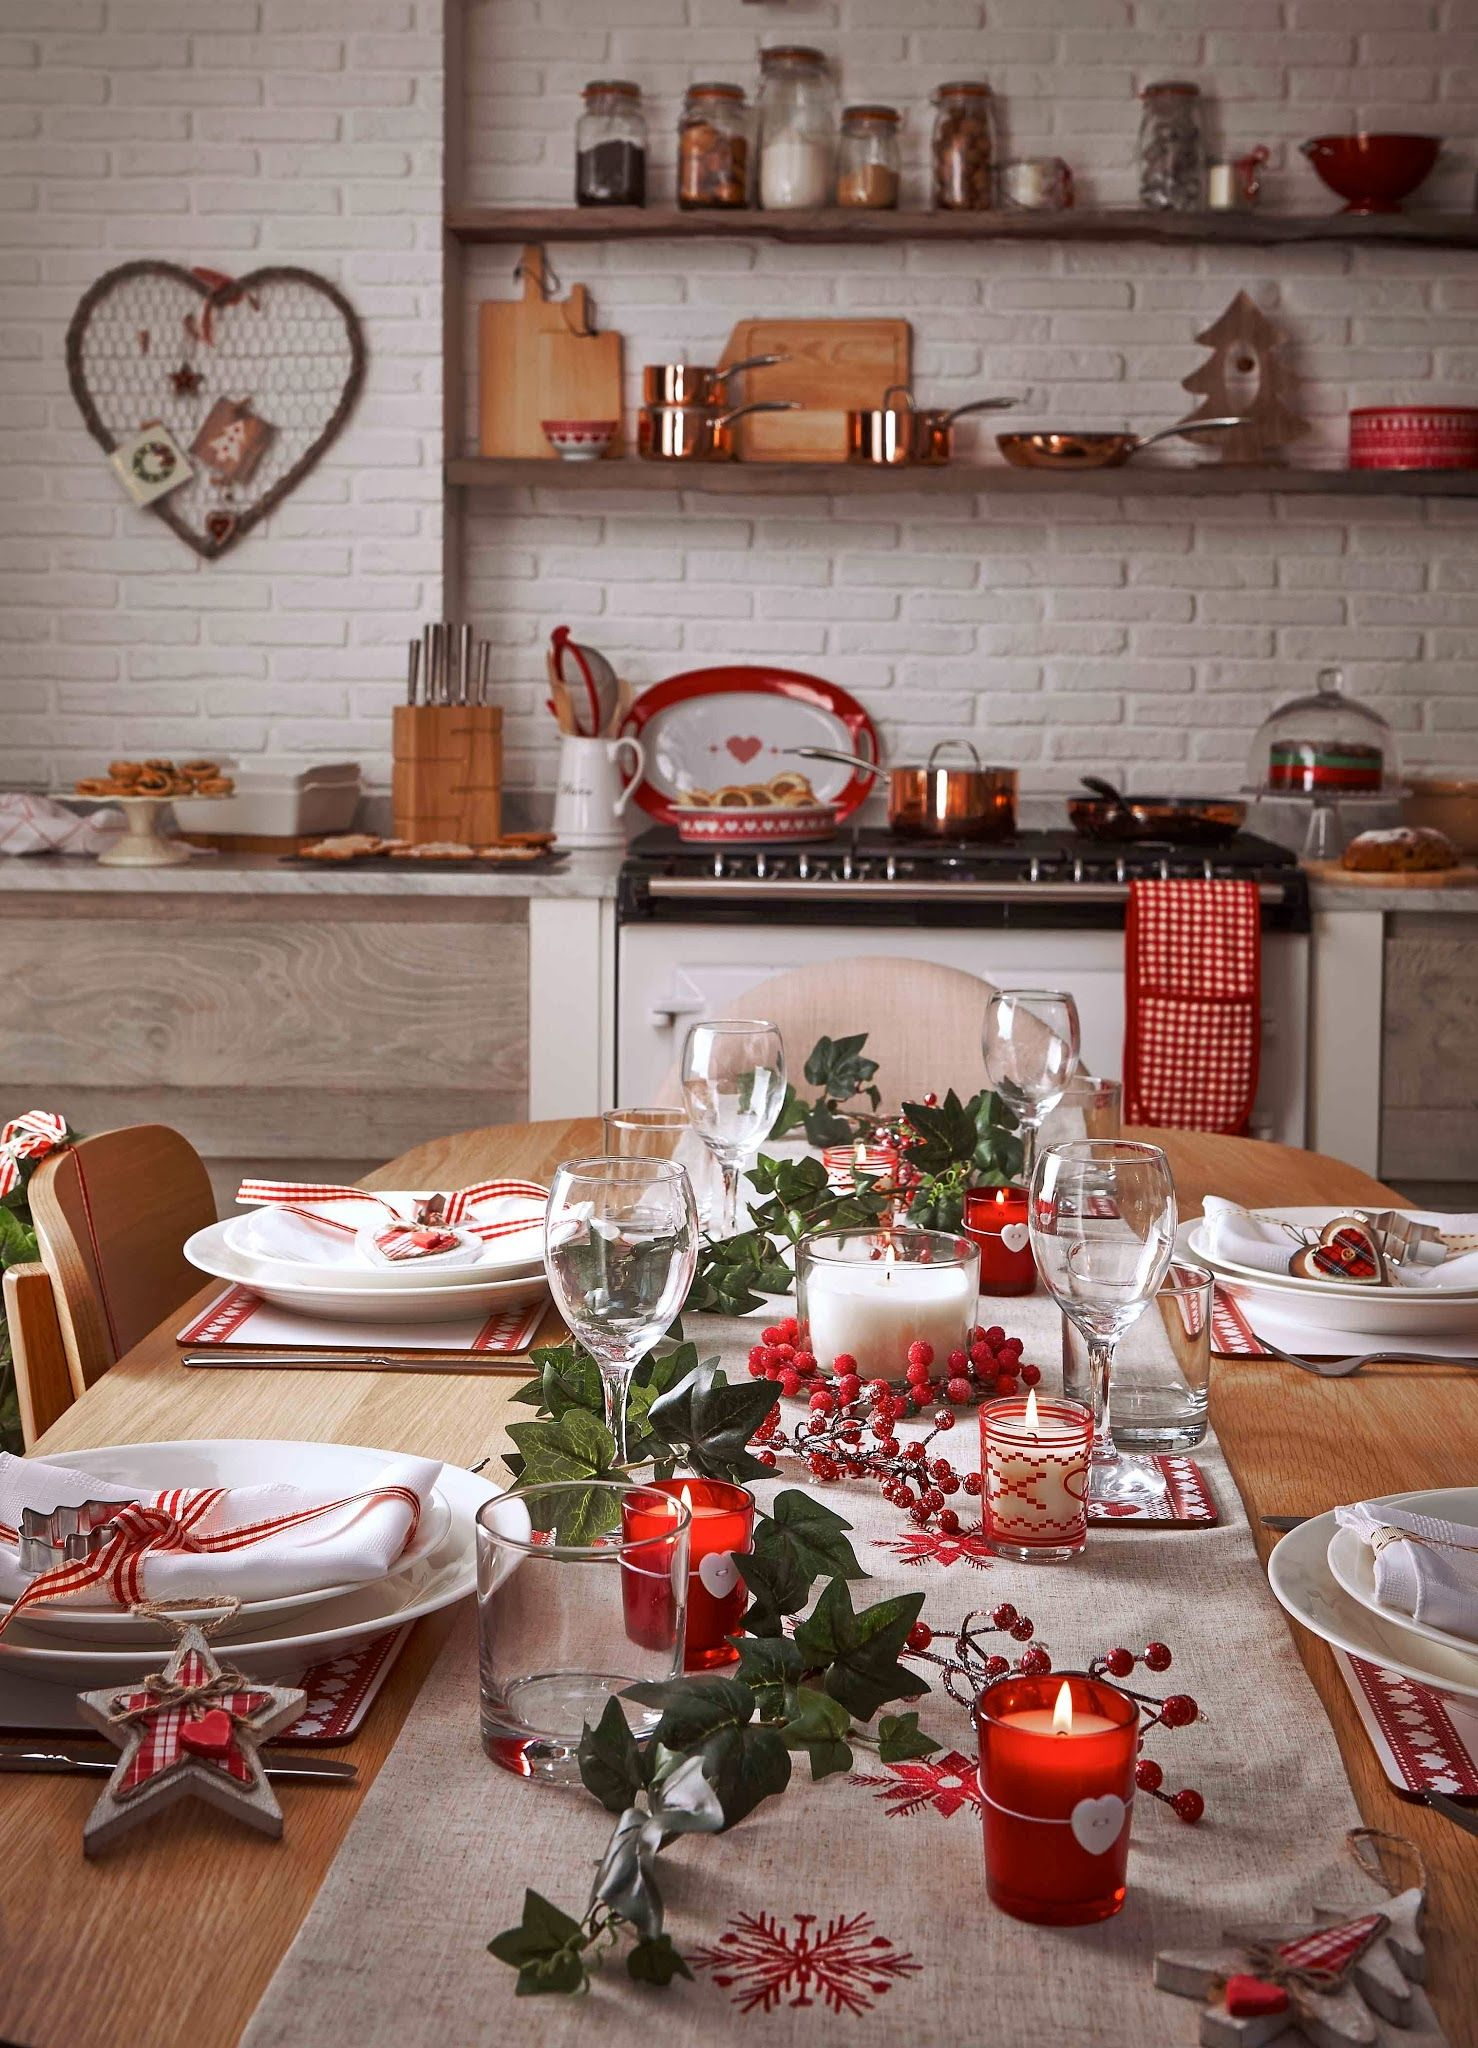 Gem tliche weihnachten mit der richtigen tisch deko tischlein deck dich gem tliche - Weihnachtsdeko tisch basteln ...